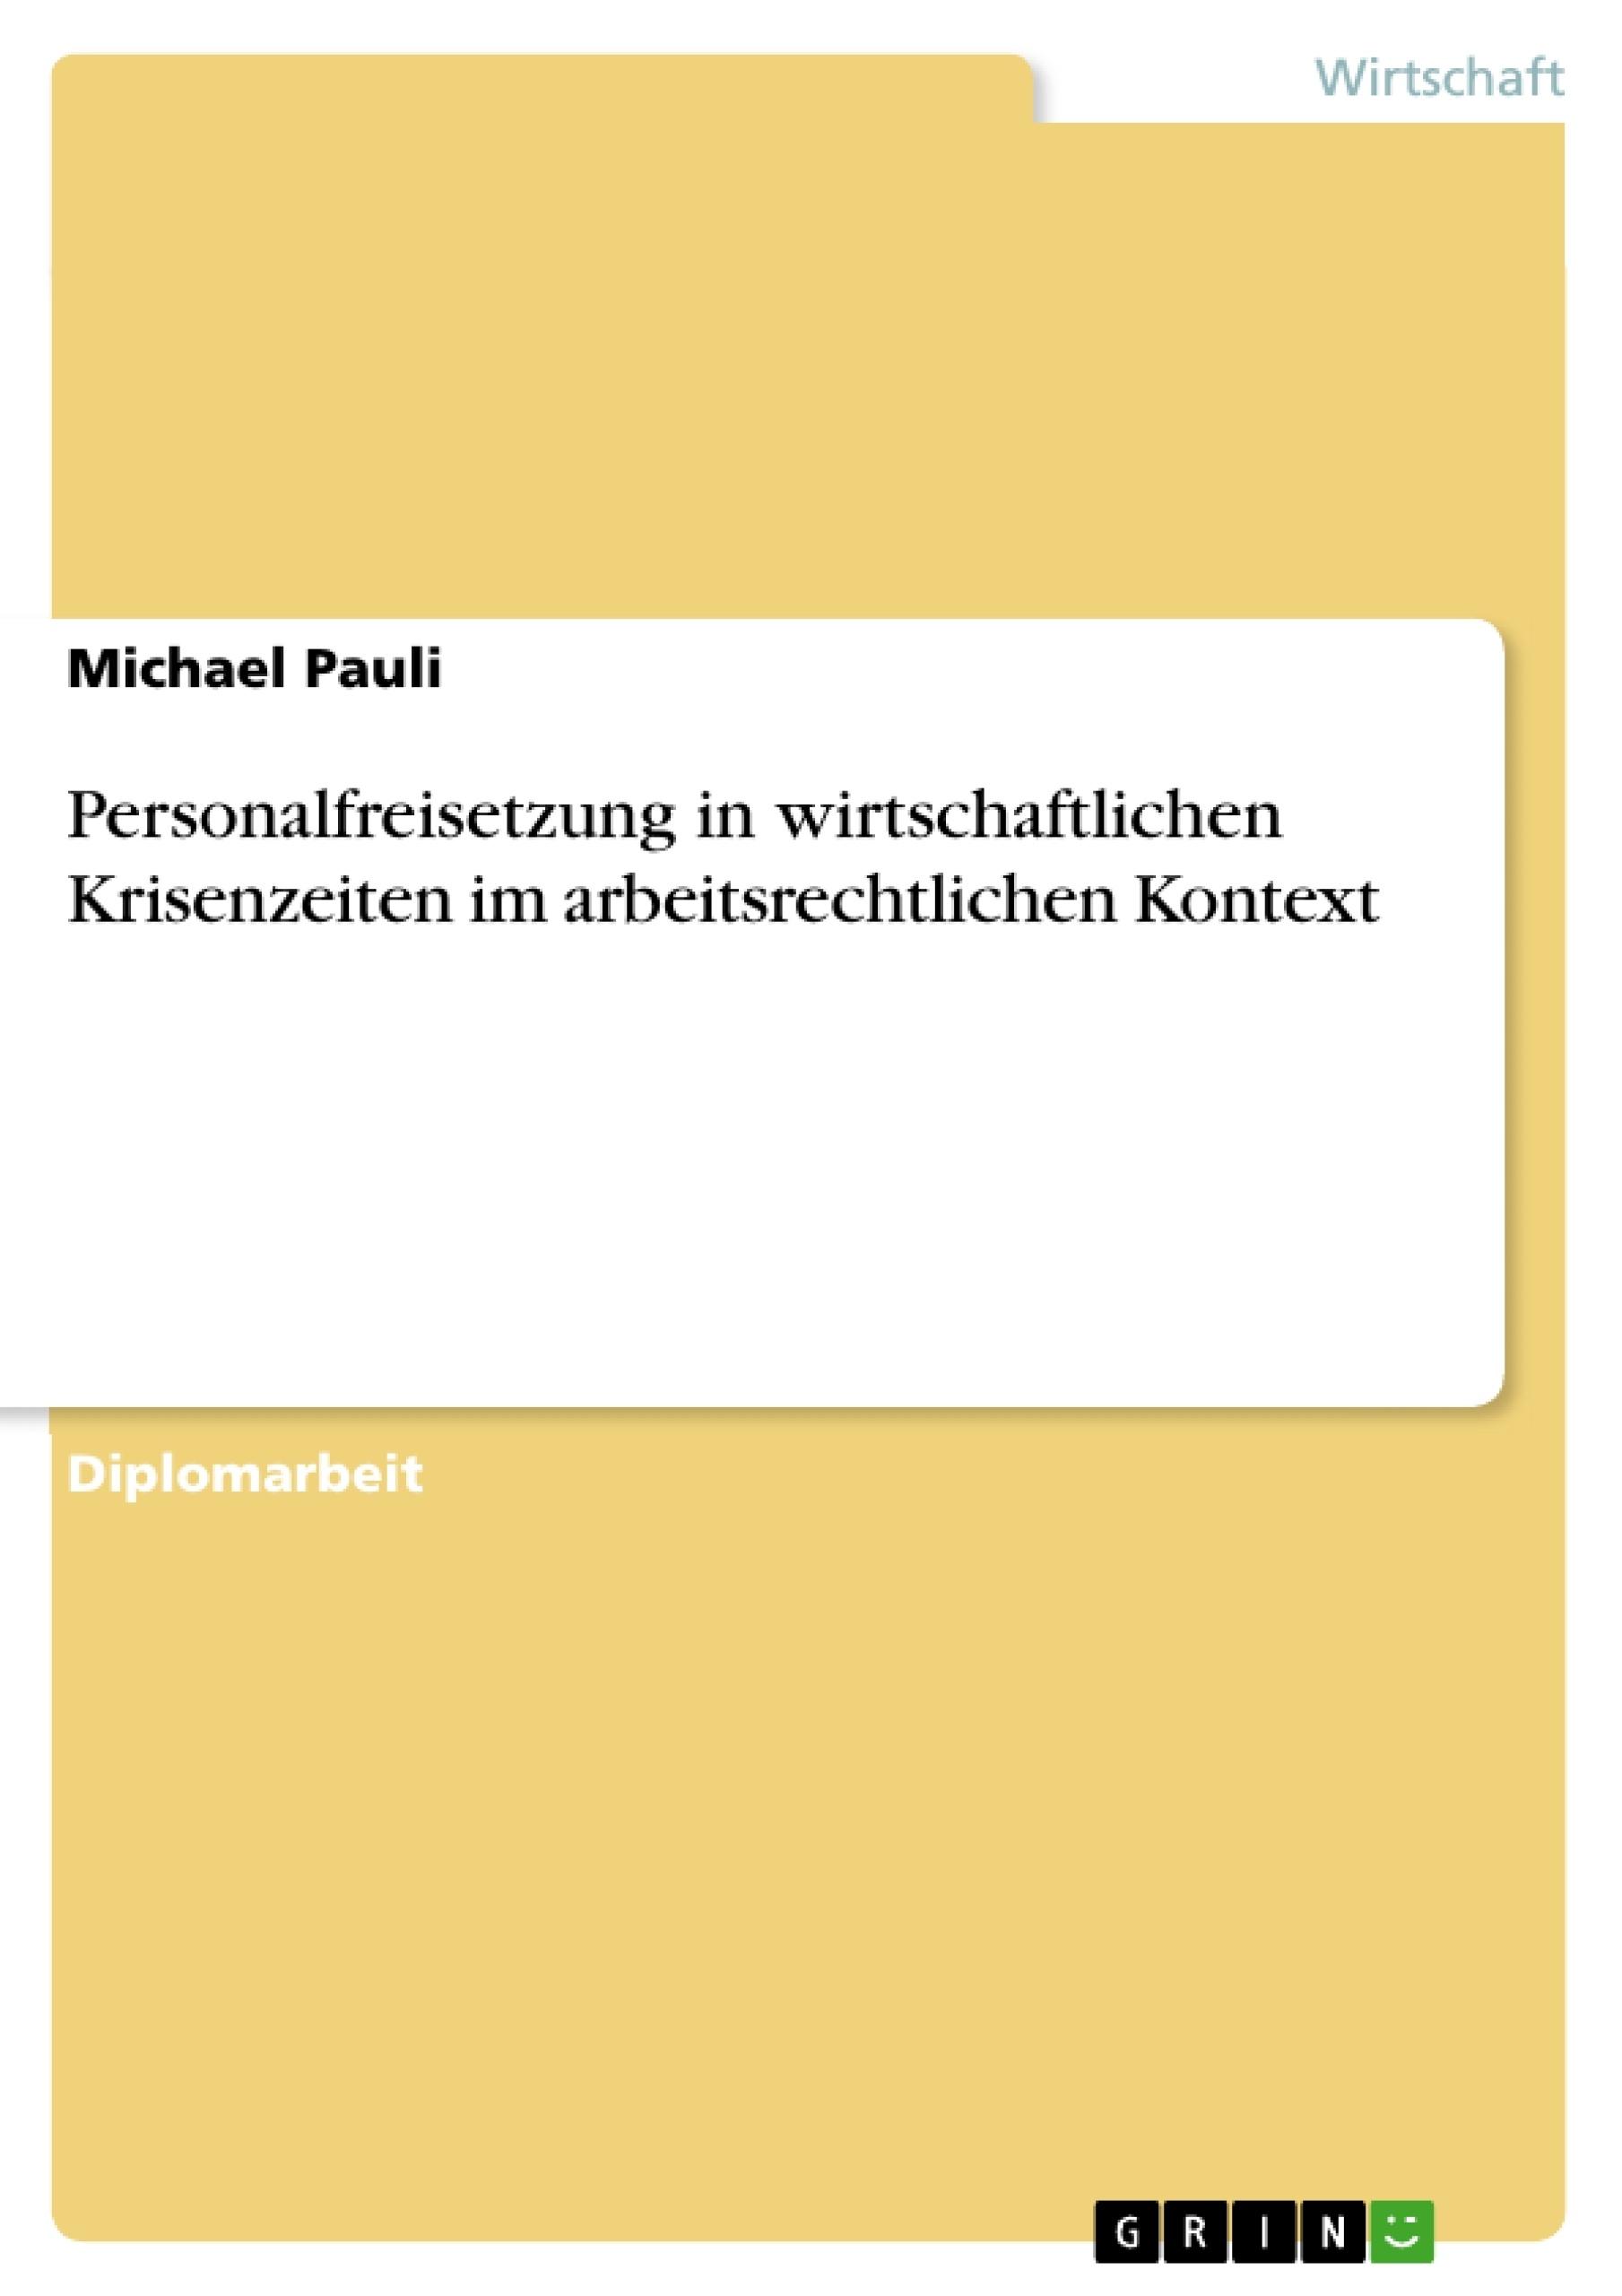 Titel: Personalfreisetzung in wirtschaftlichen Krisenzeiten im arbeitsrechtlichen Kontext